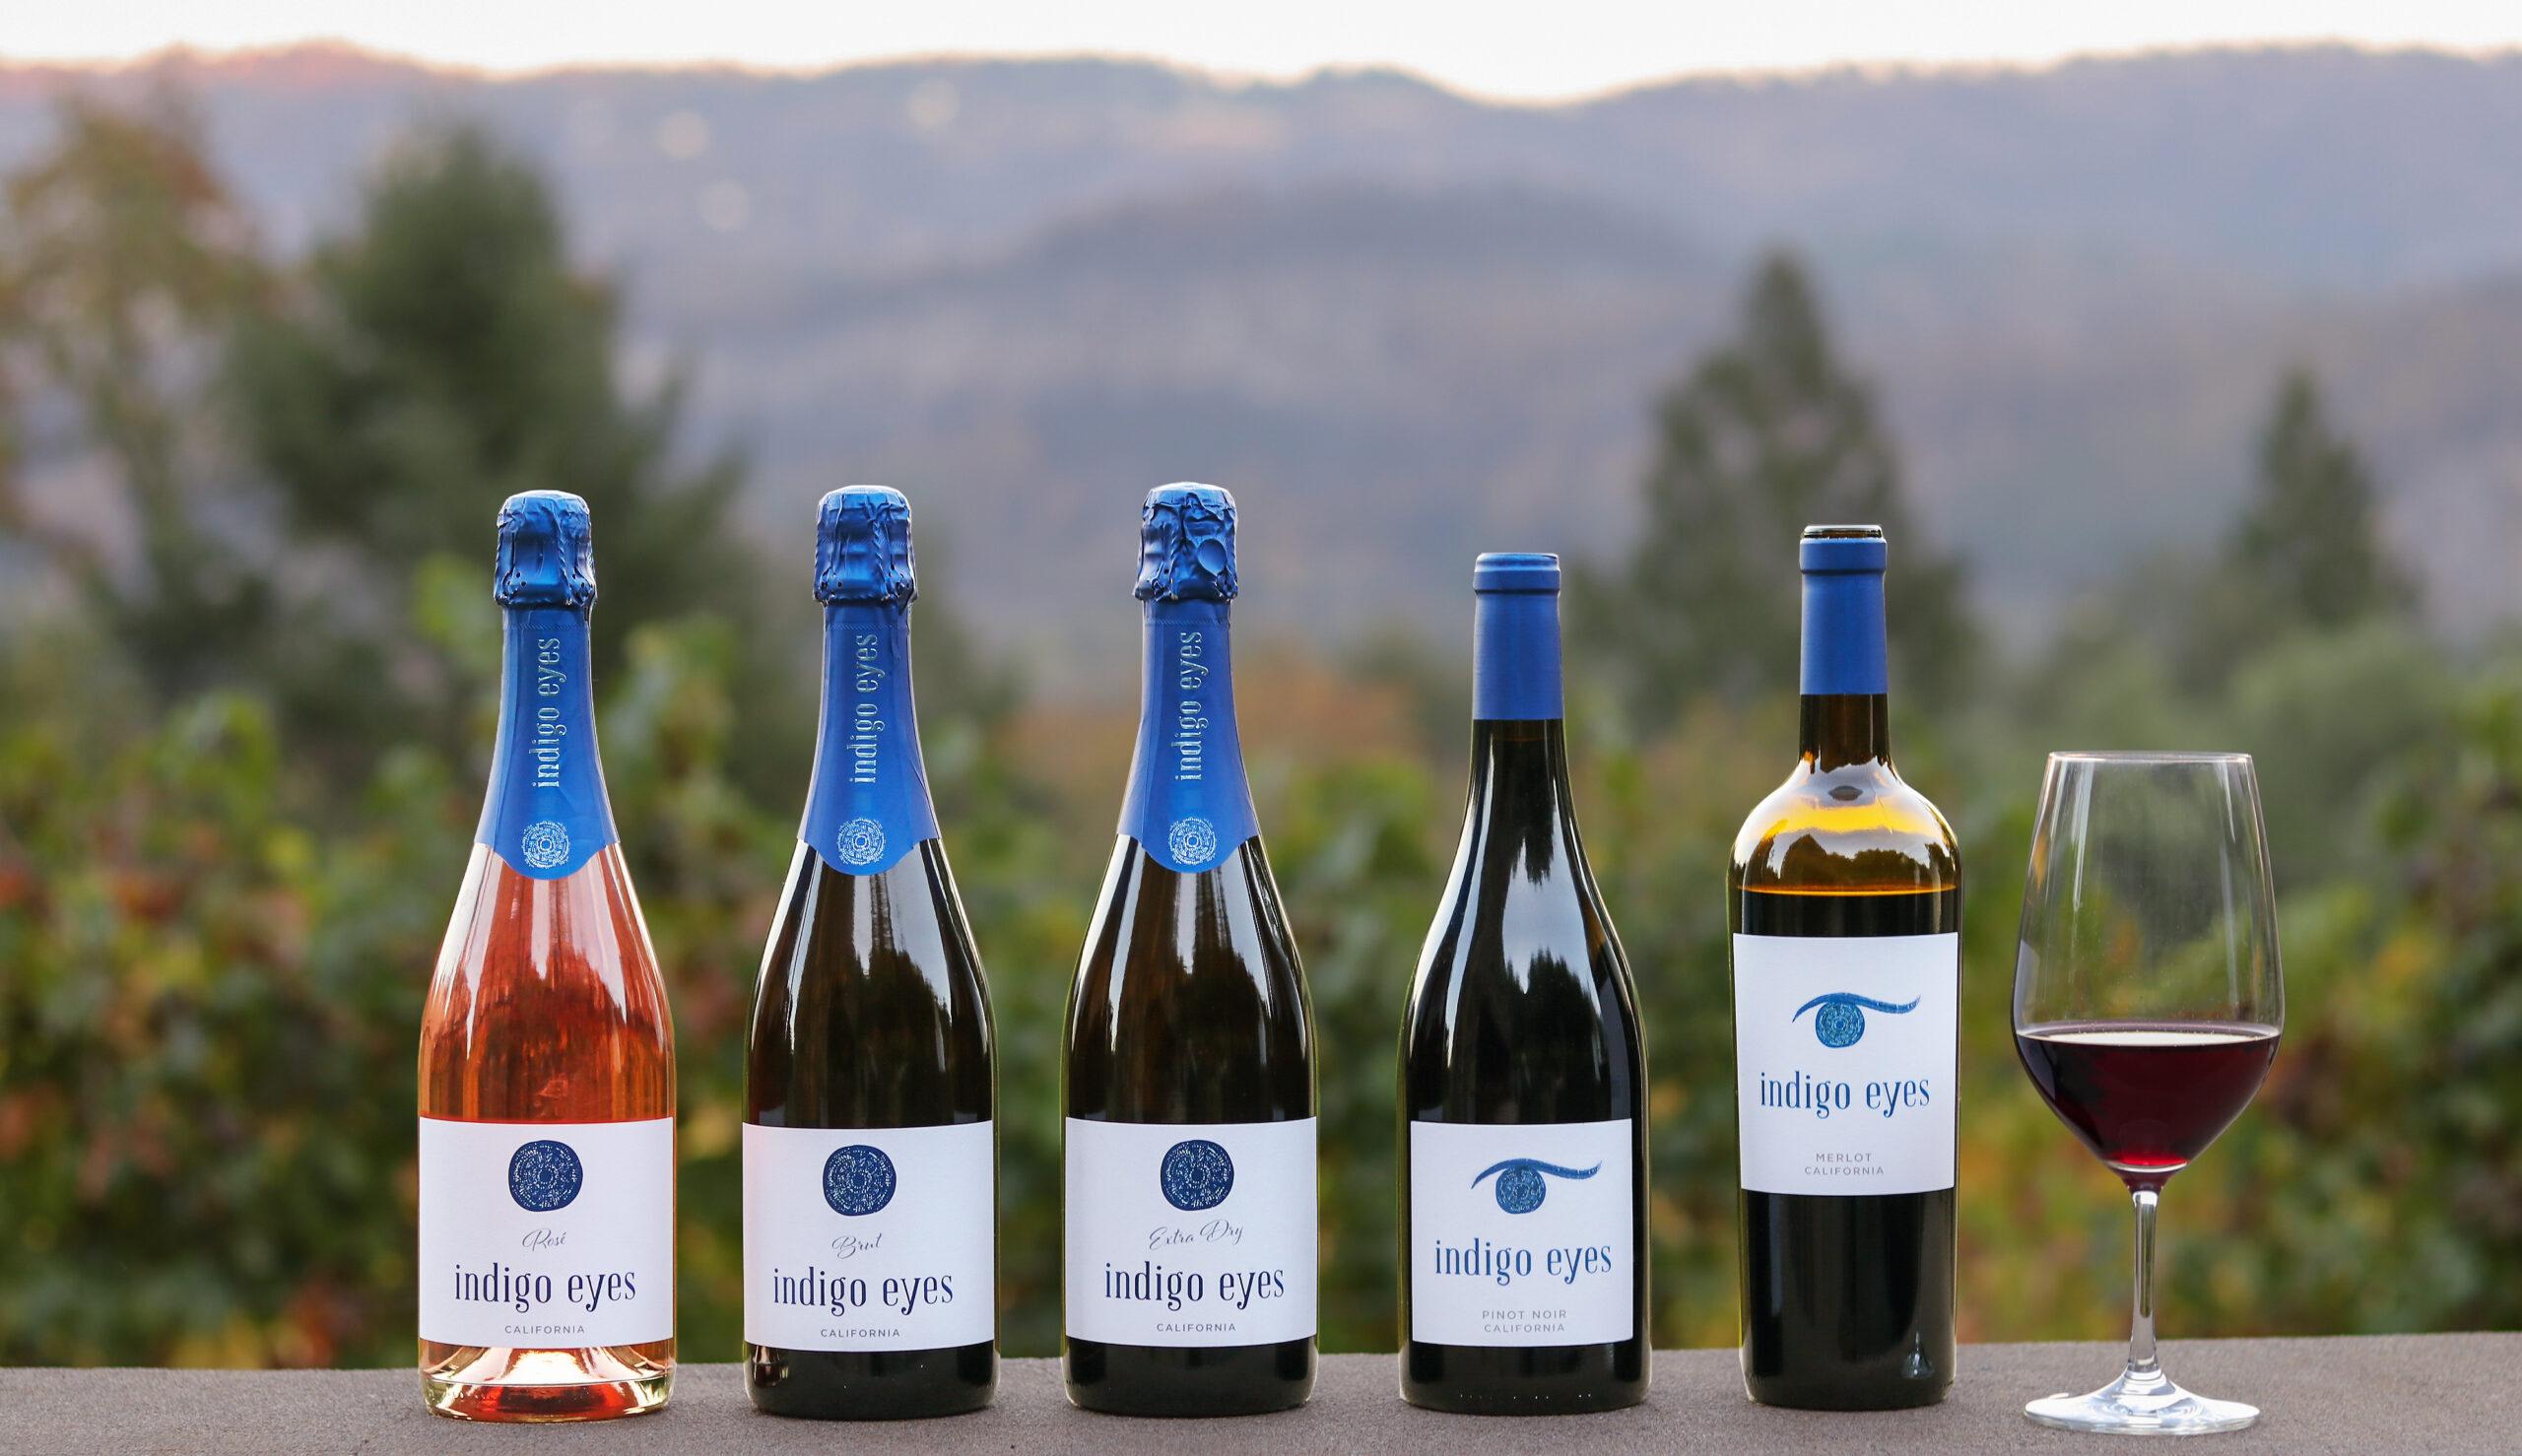 Indigo Eyes Wine Line-Up